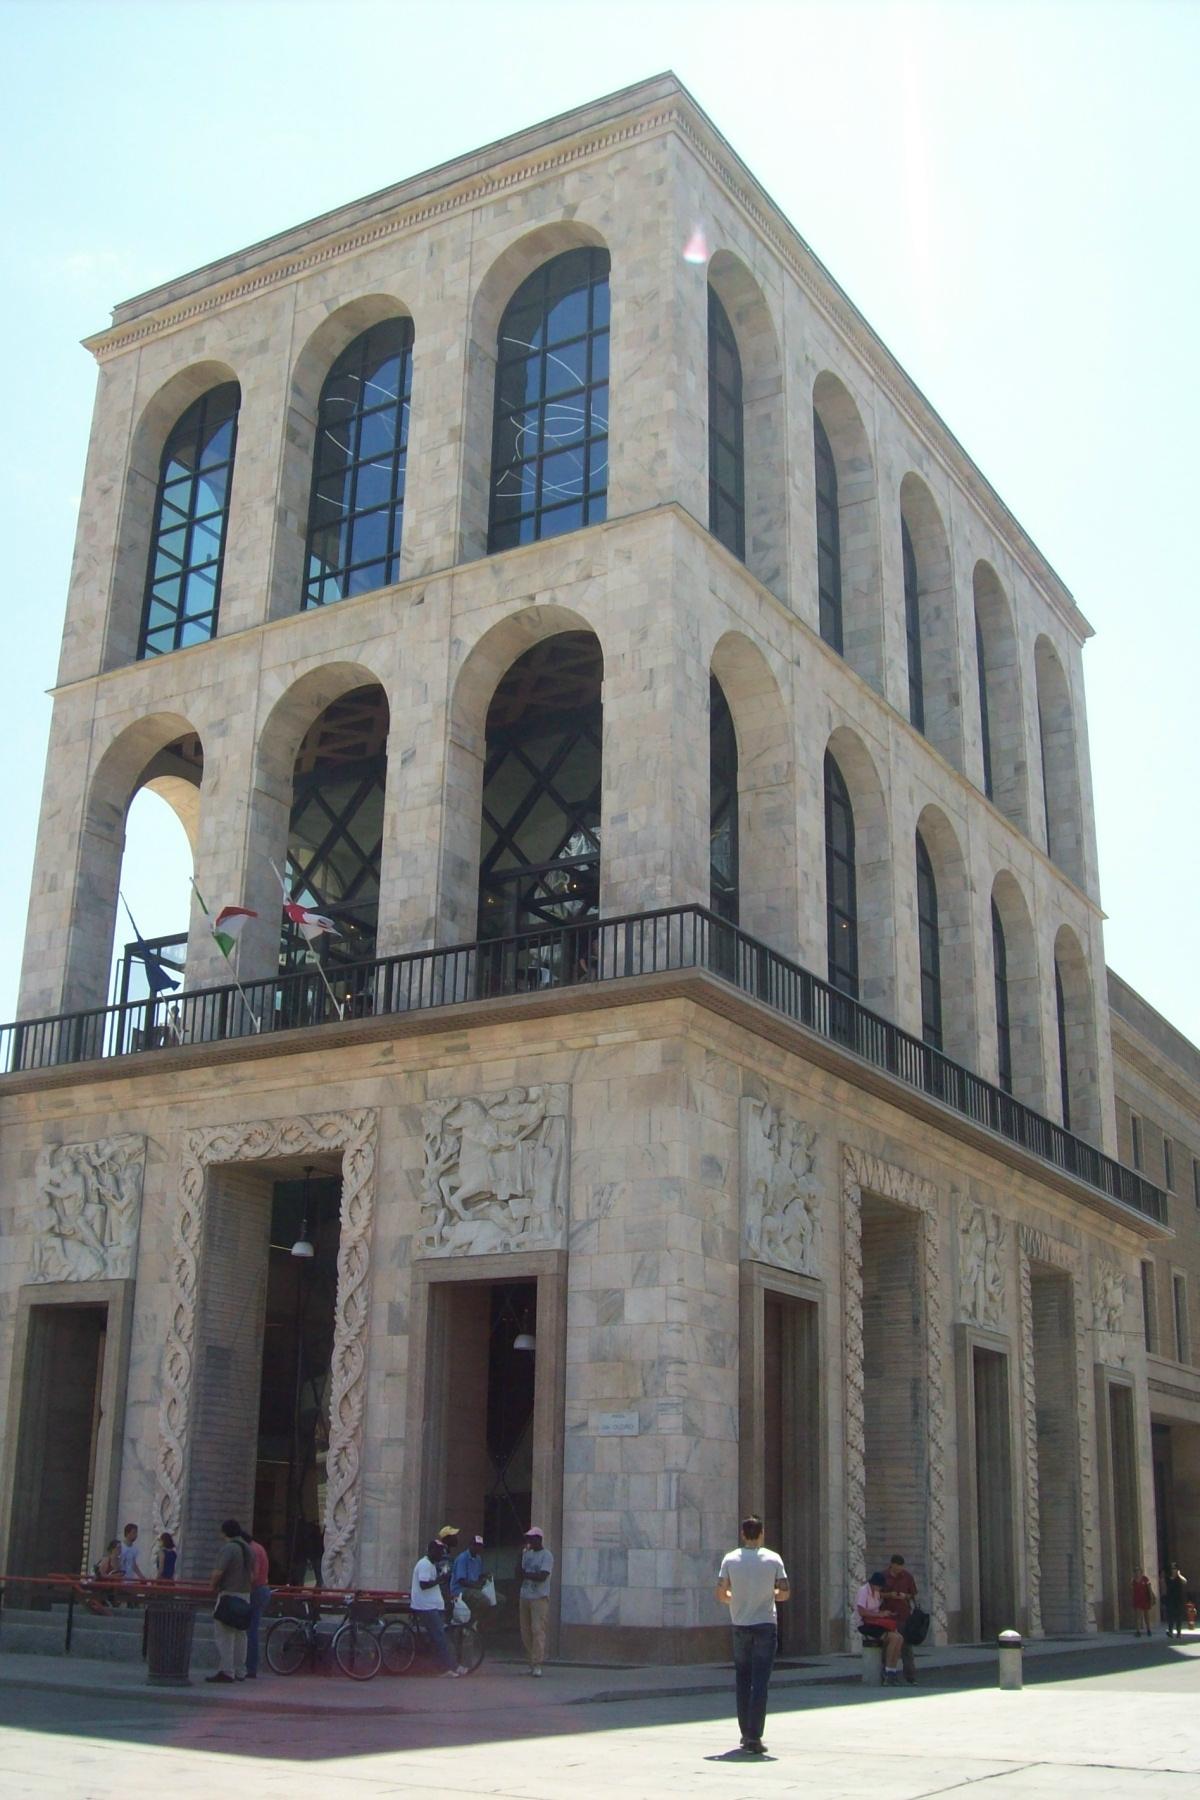 Museo Del 900 Milano.File Arengario Di Milano Museo Del Novecento Jpg Wikimedia Commons